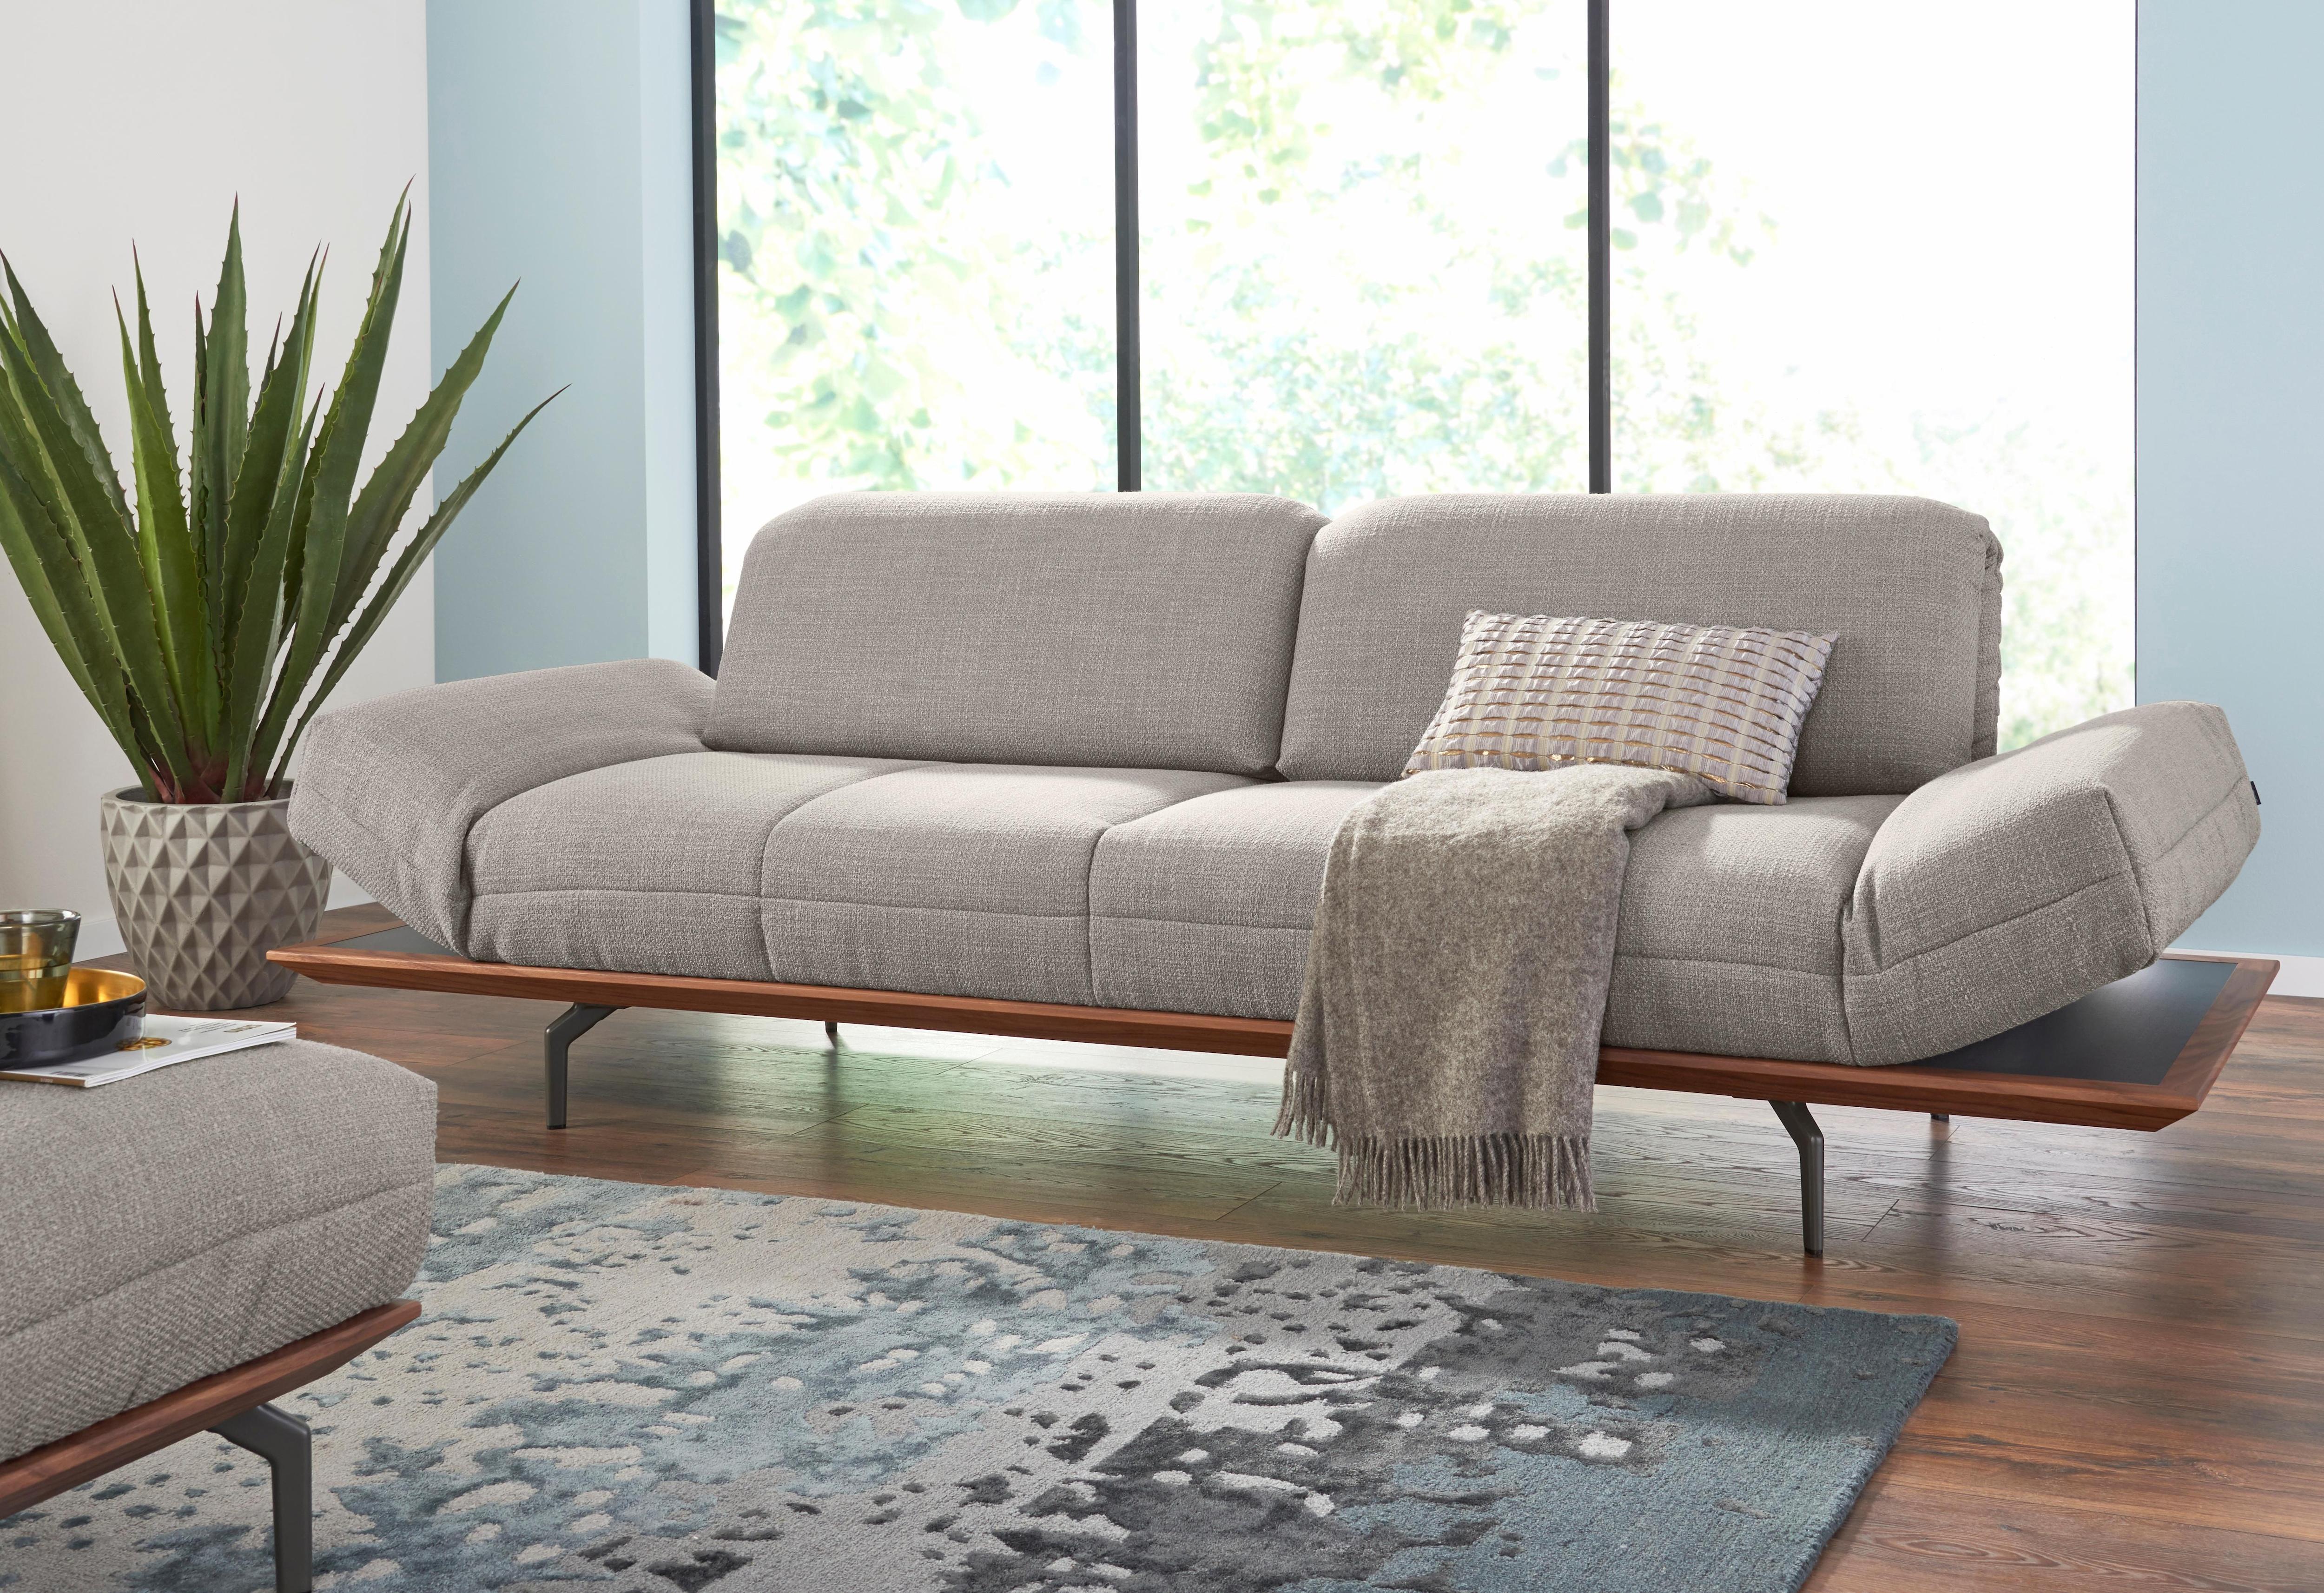 Entzückend Hülsta Couch Dekoration Von Hülsta Sofa 3-sitzer Sofa »hs.420Â« Wahlweise In